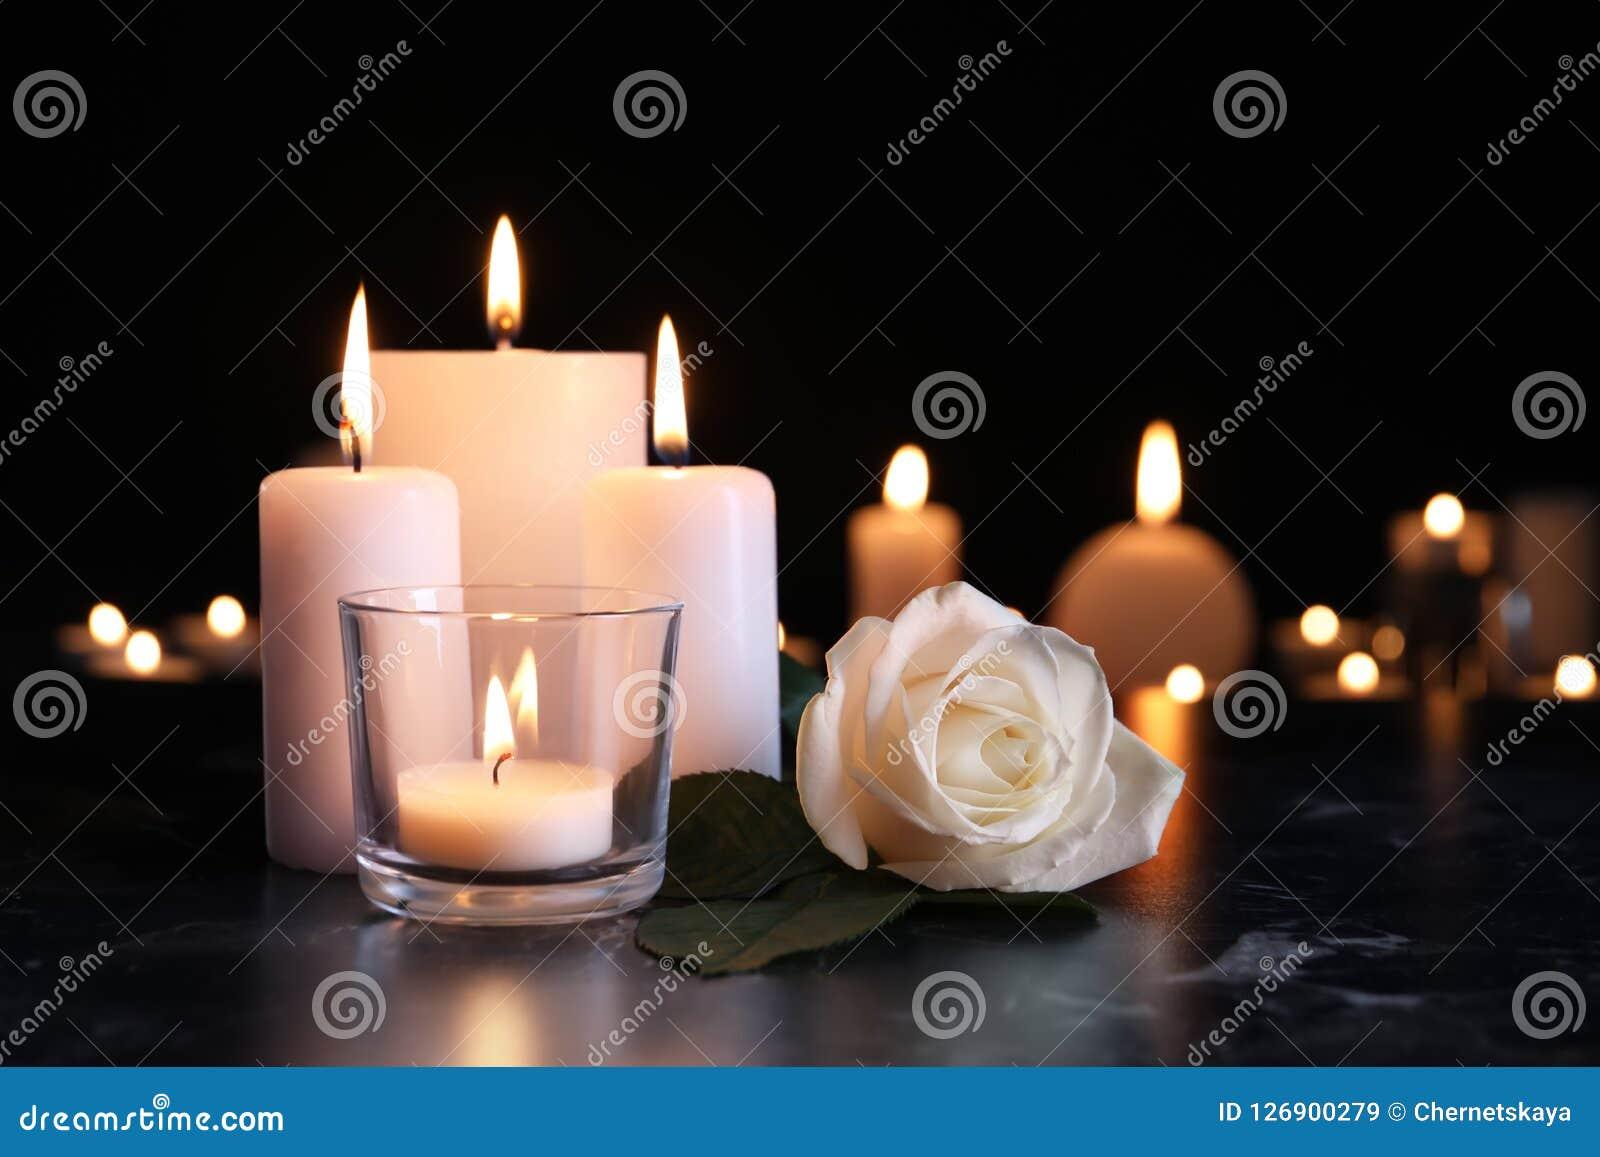 Rosa do branco e velas ardentes na tabela na escuridão